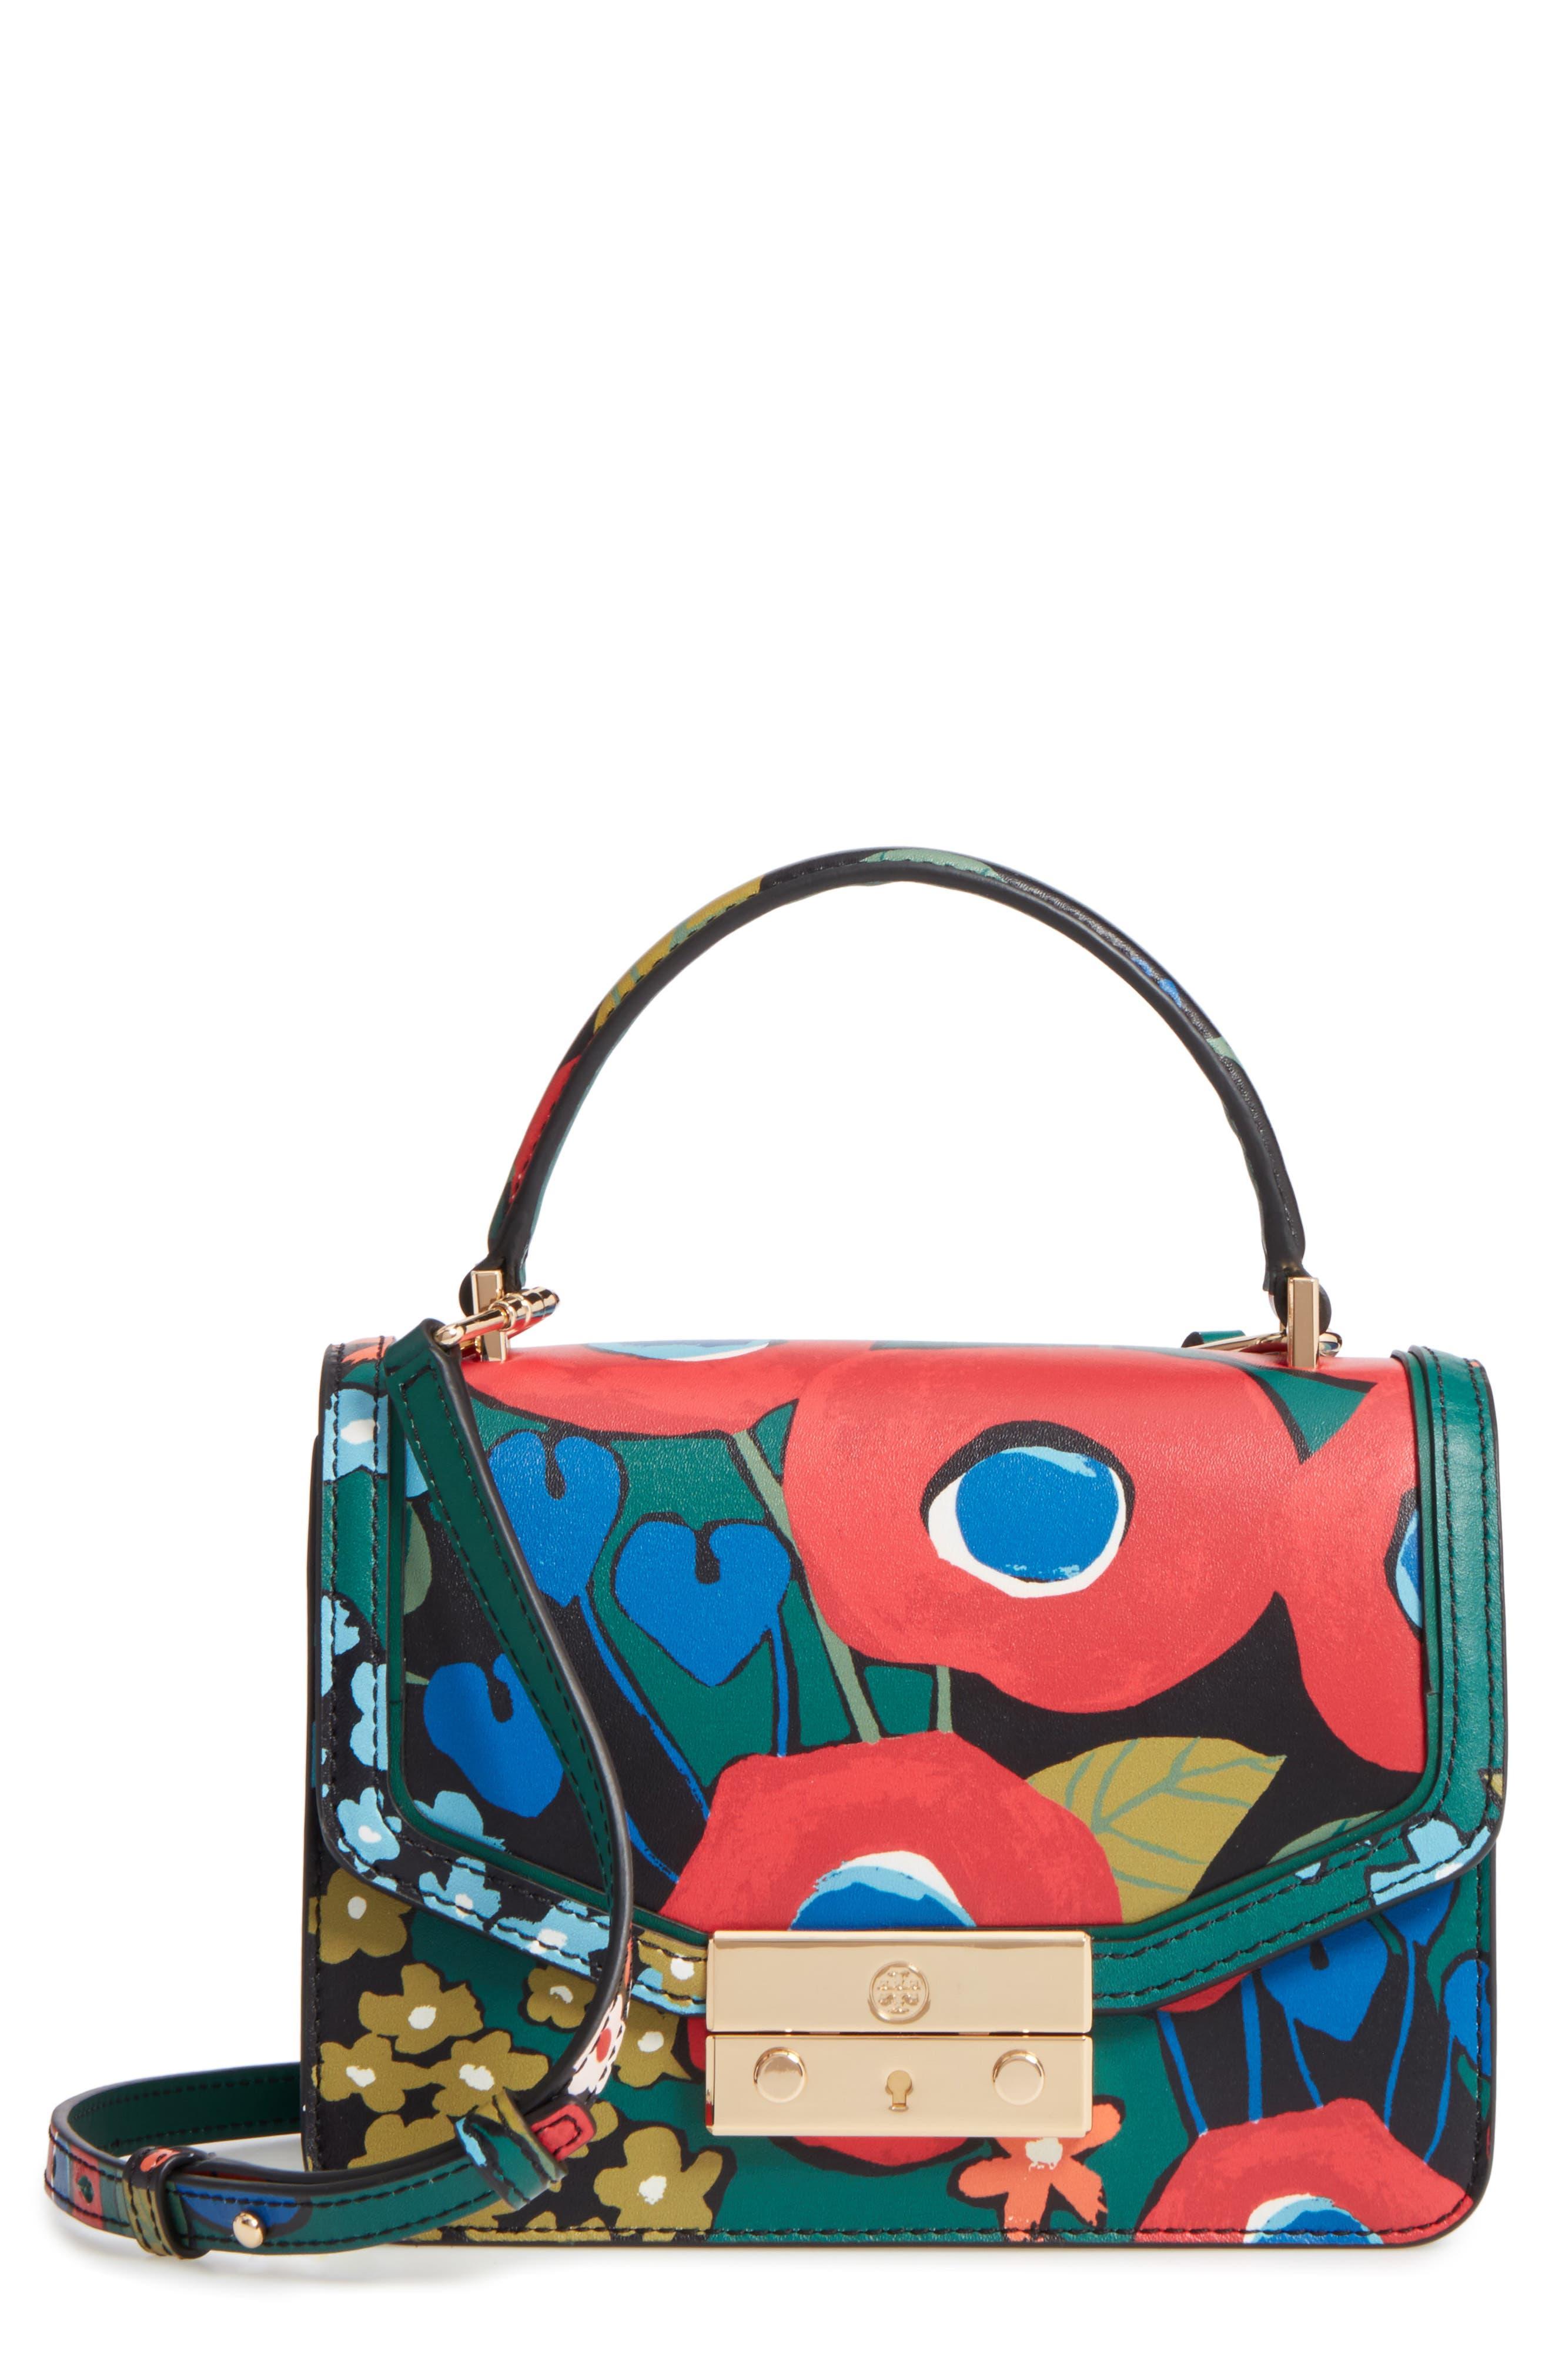 Mini Juliette Leather Top Handle Satchel,                             Main thumbnail 1, color,                             Darling Floral